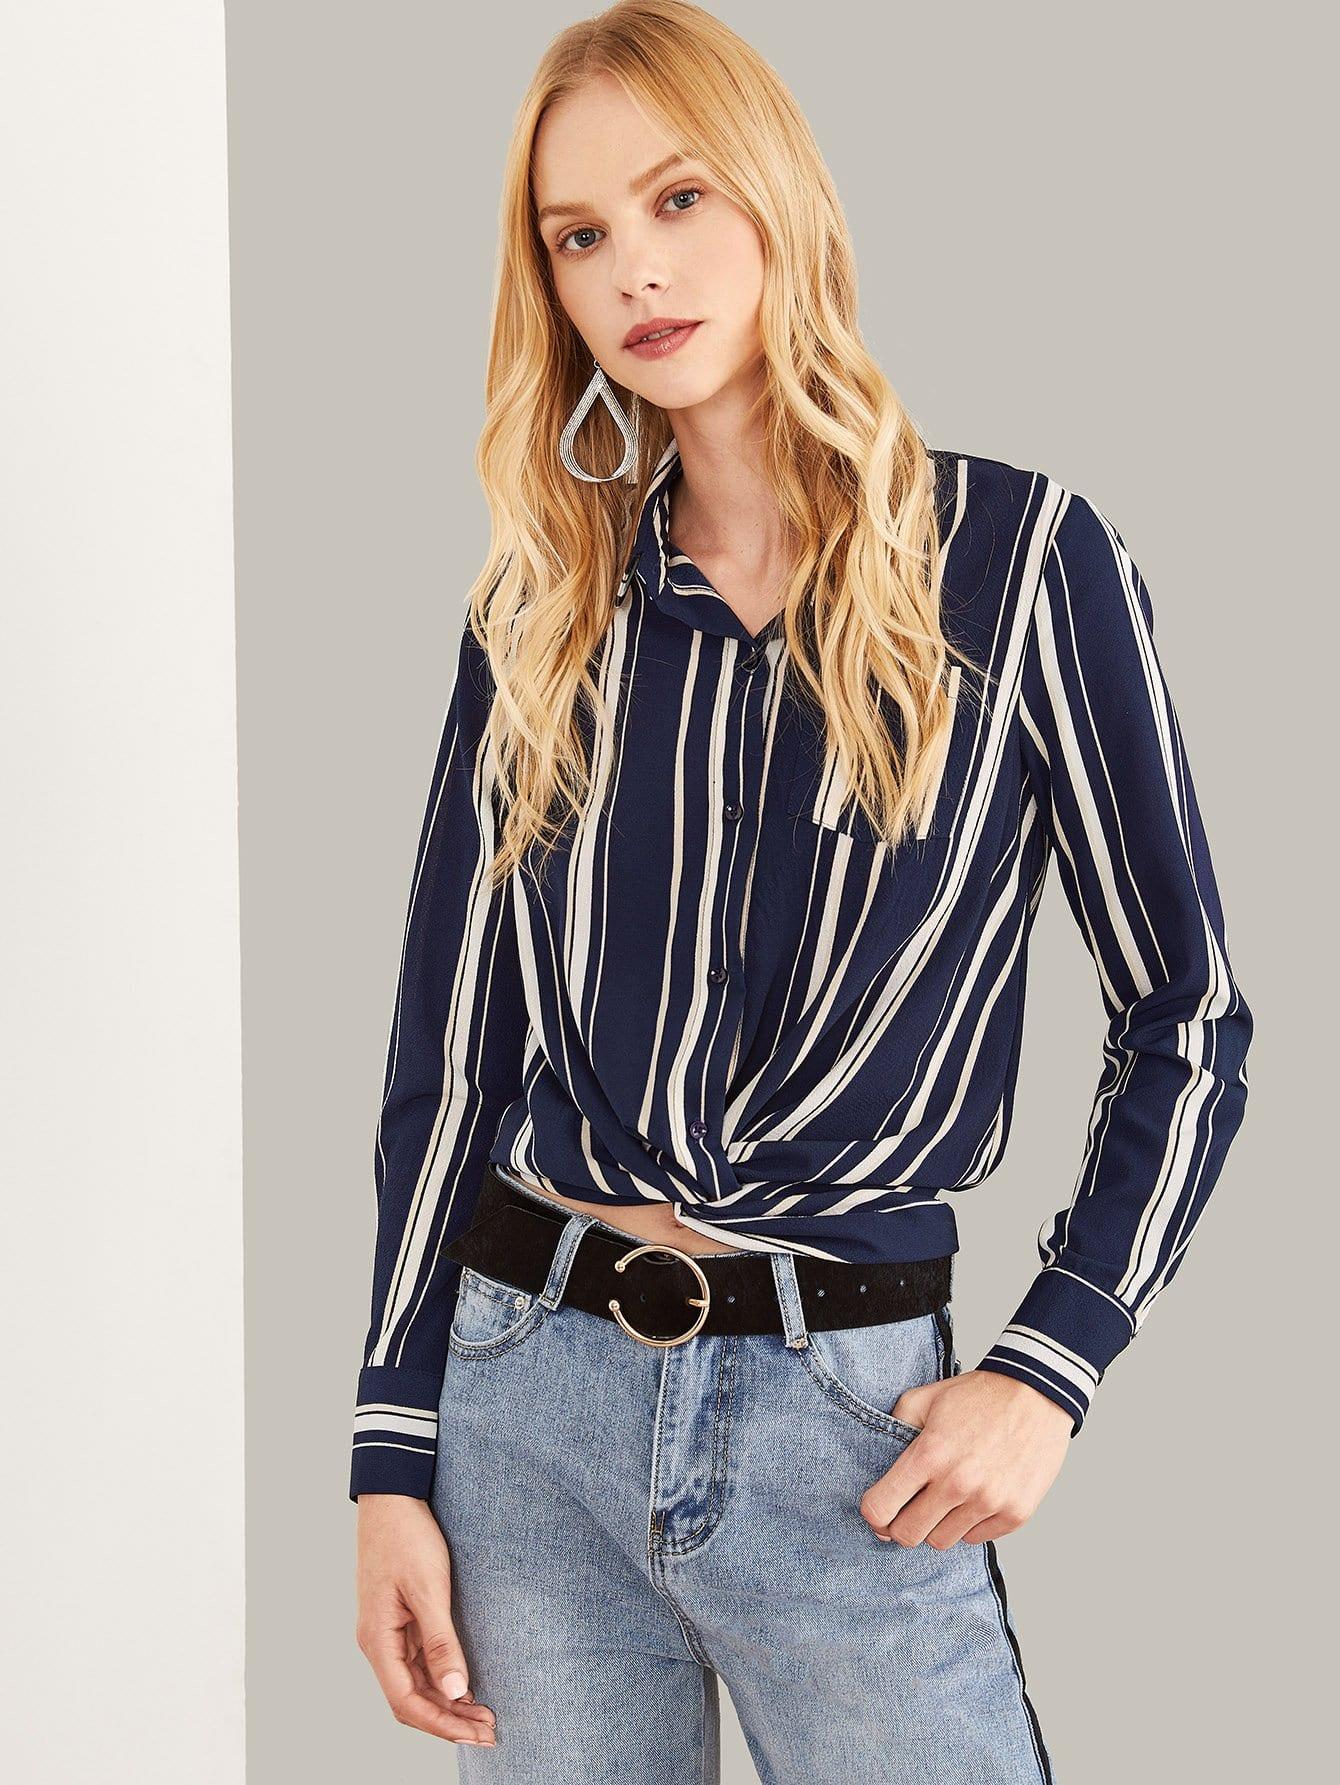 Купить Полосатая блузка с воротником и с украшением кармана, Denisa, SheIn